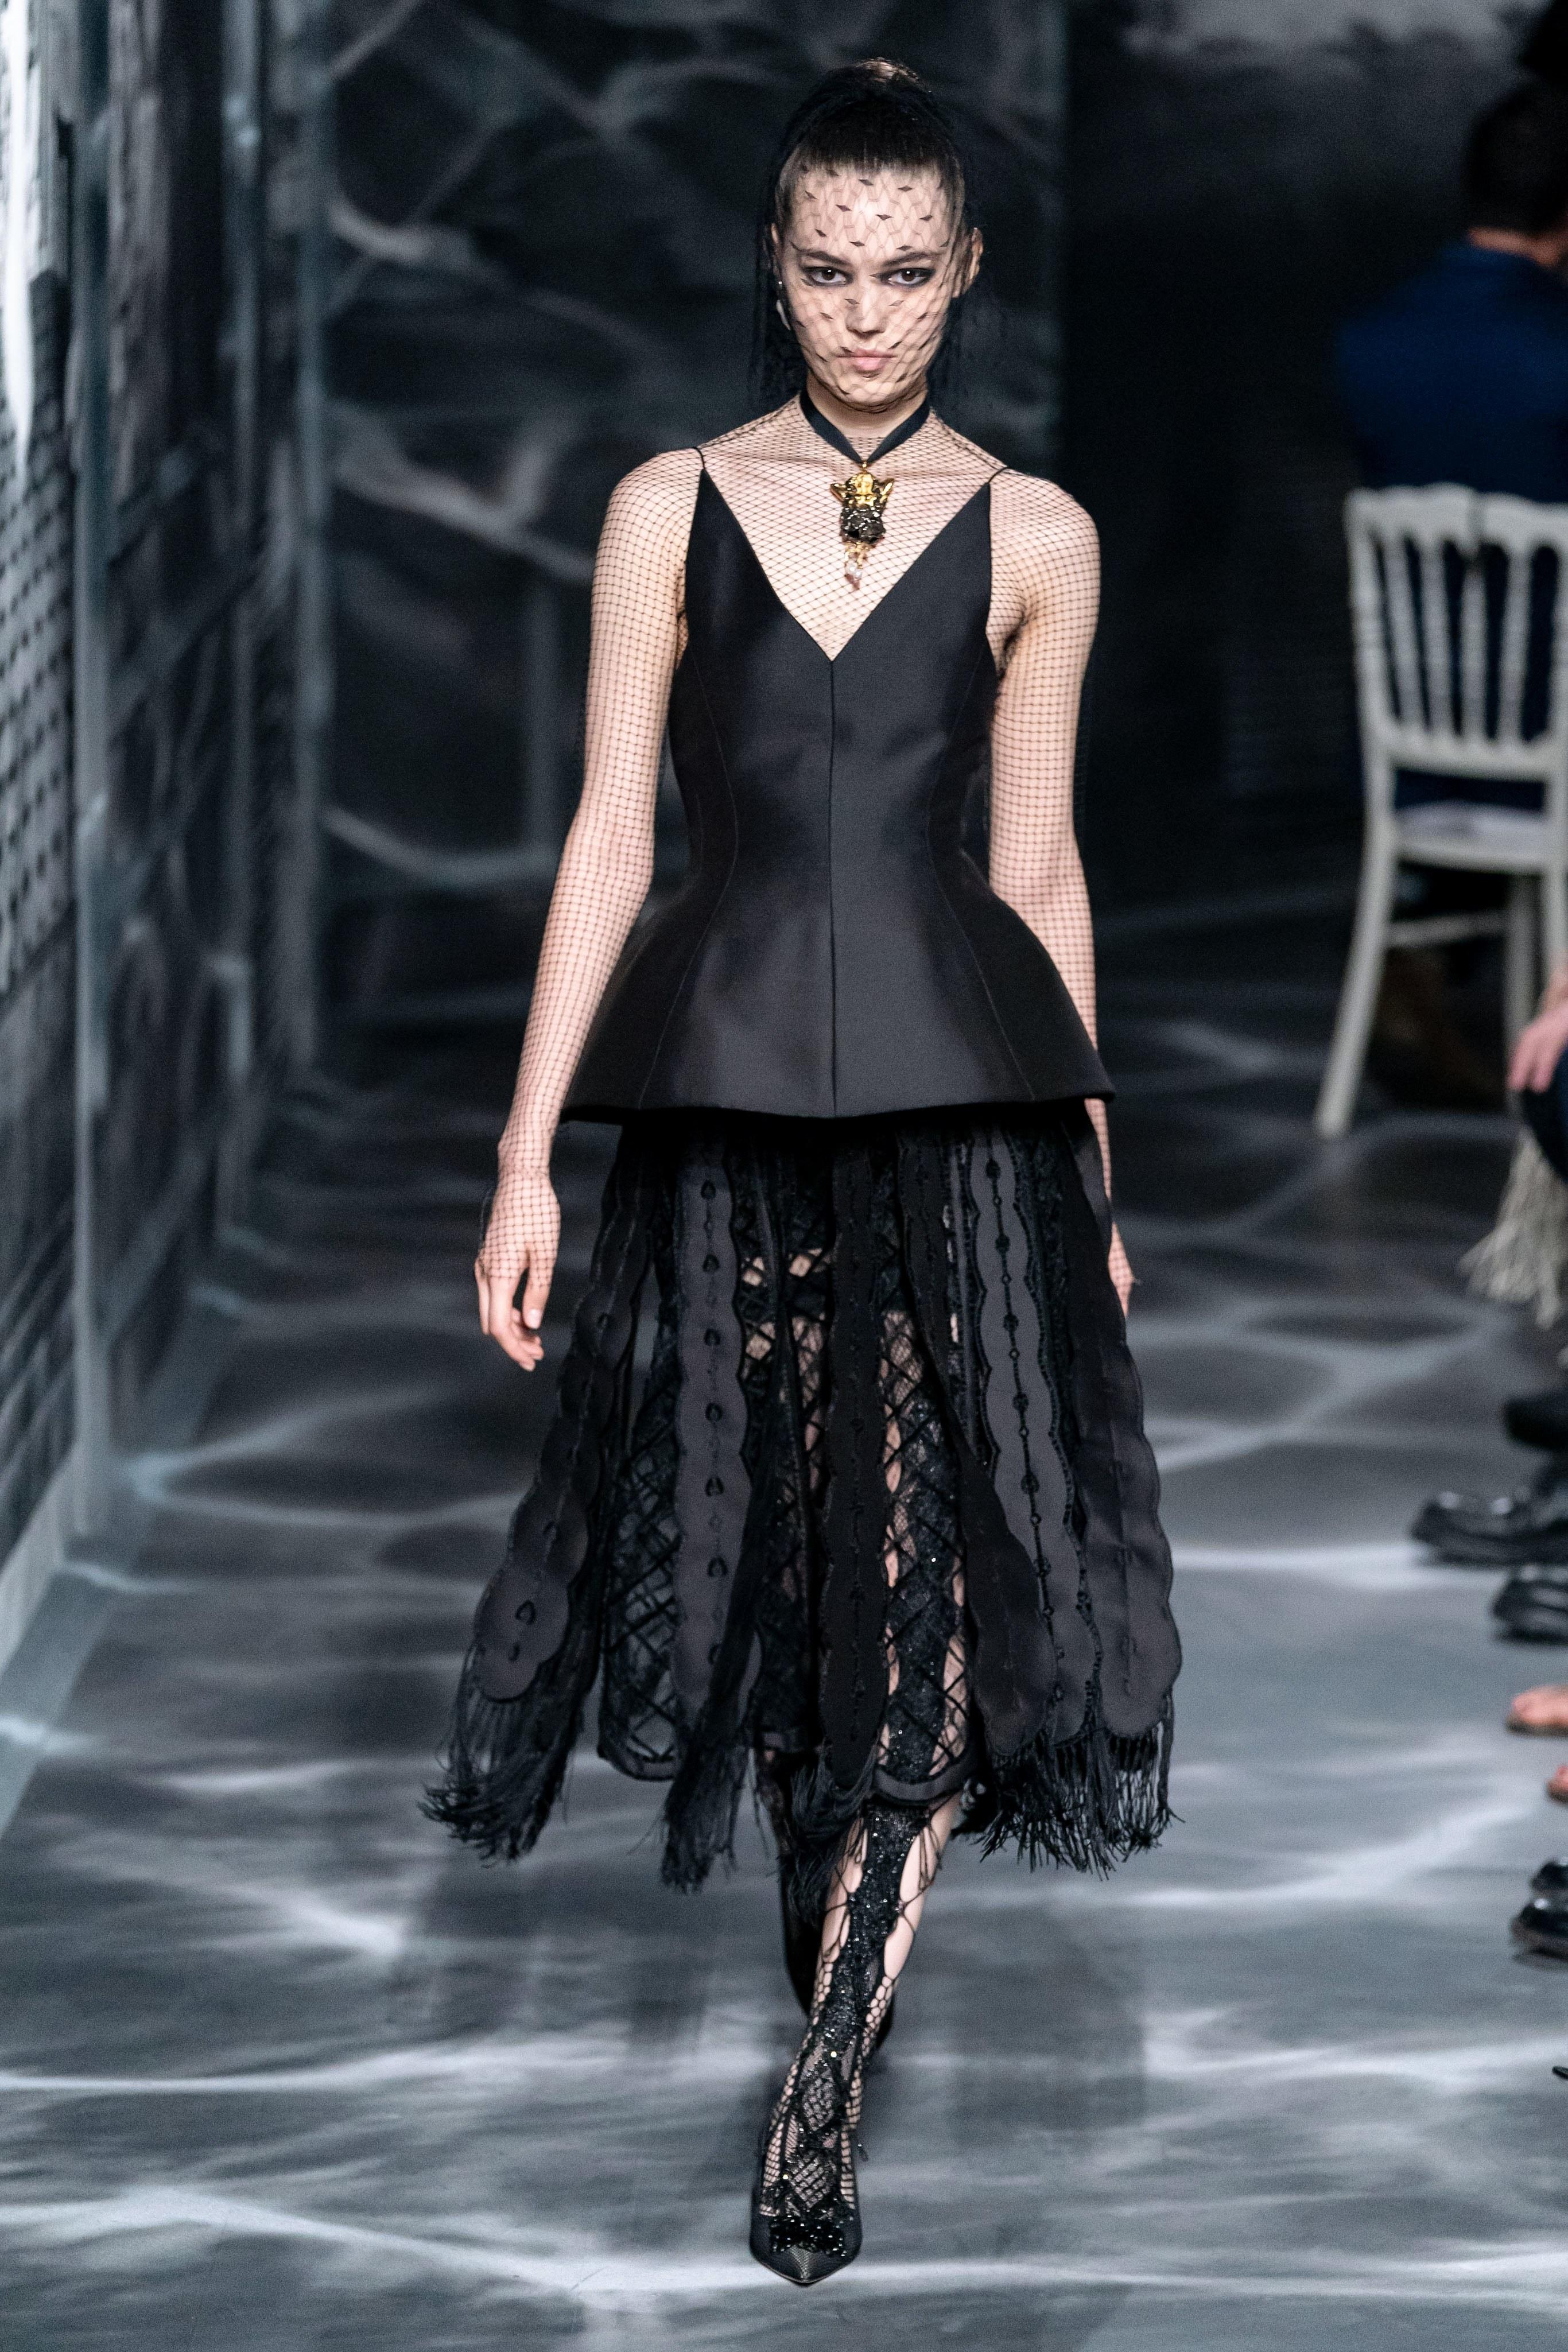 áo hai dây và chân váy trong bộ sưu tập Dior Haute Couture Thu 2019